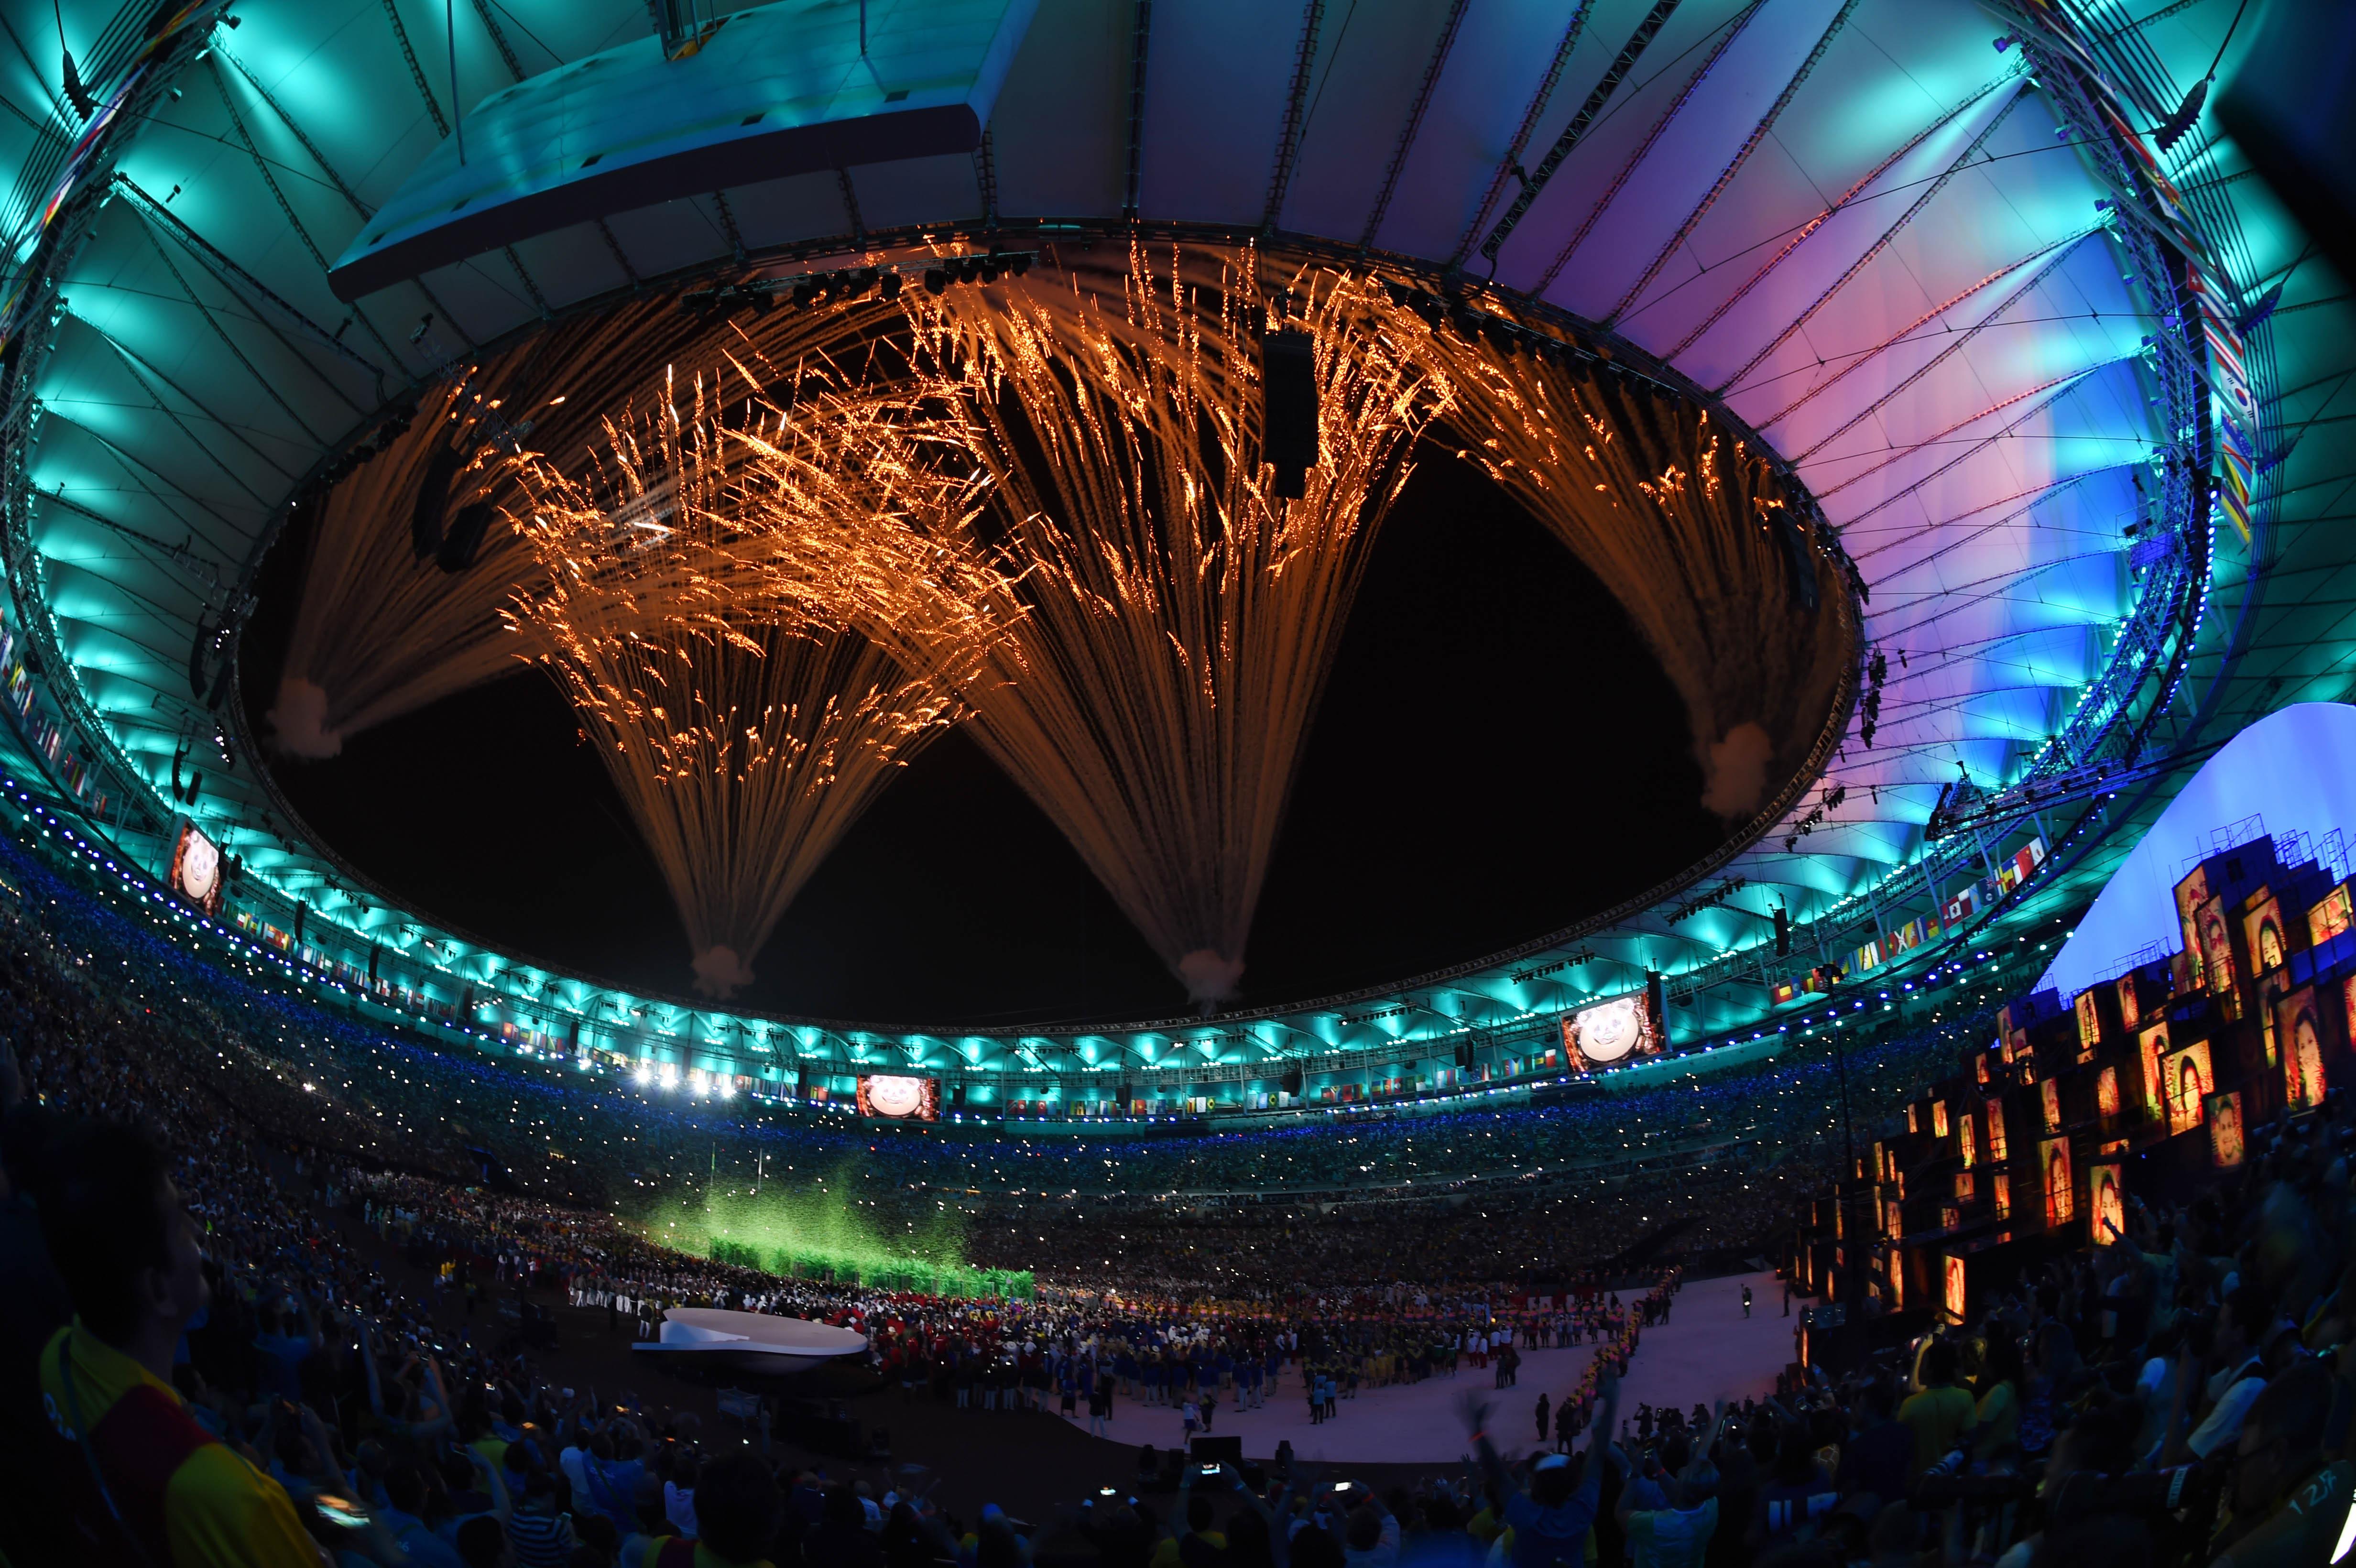 盛会当然少不了焰火。这是开幕式的焰火。新华社记者吕小炜摄